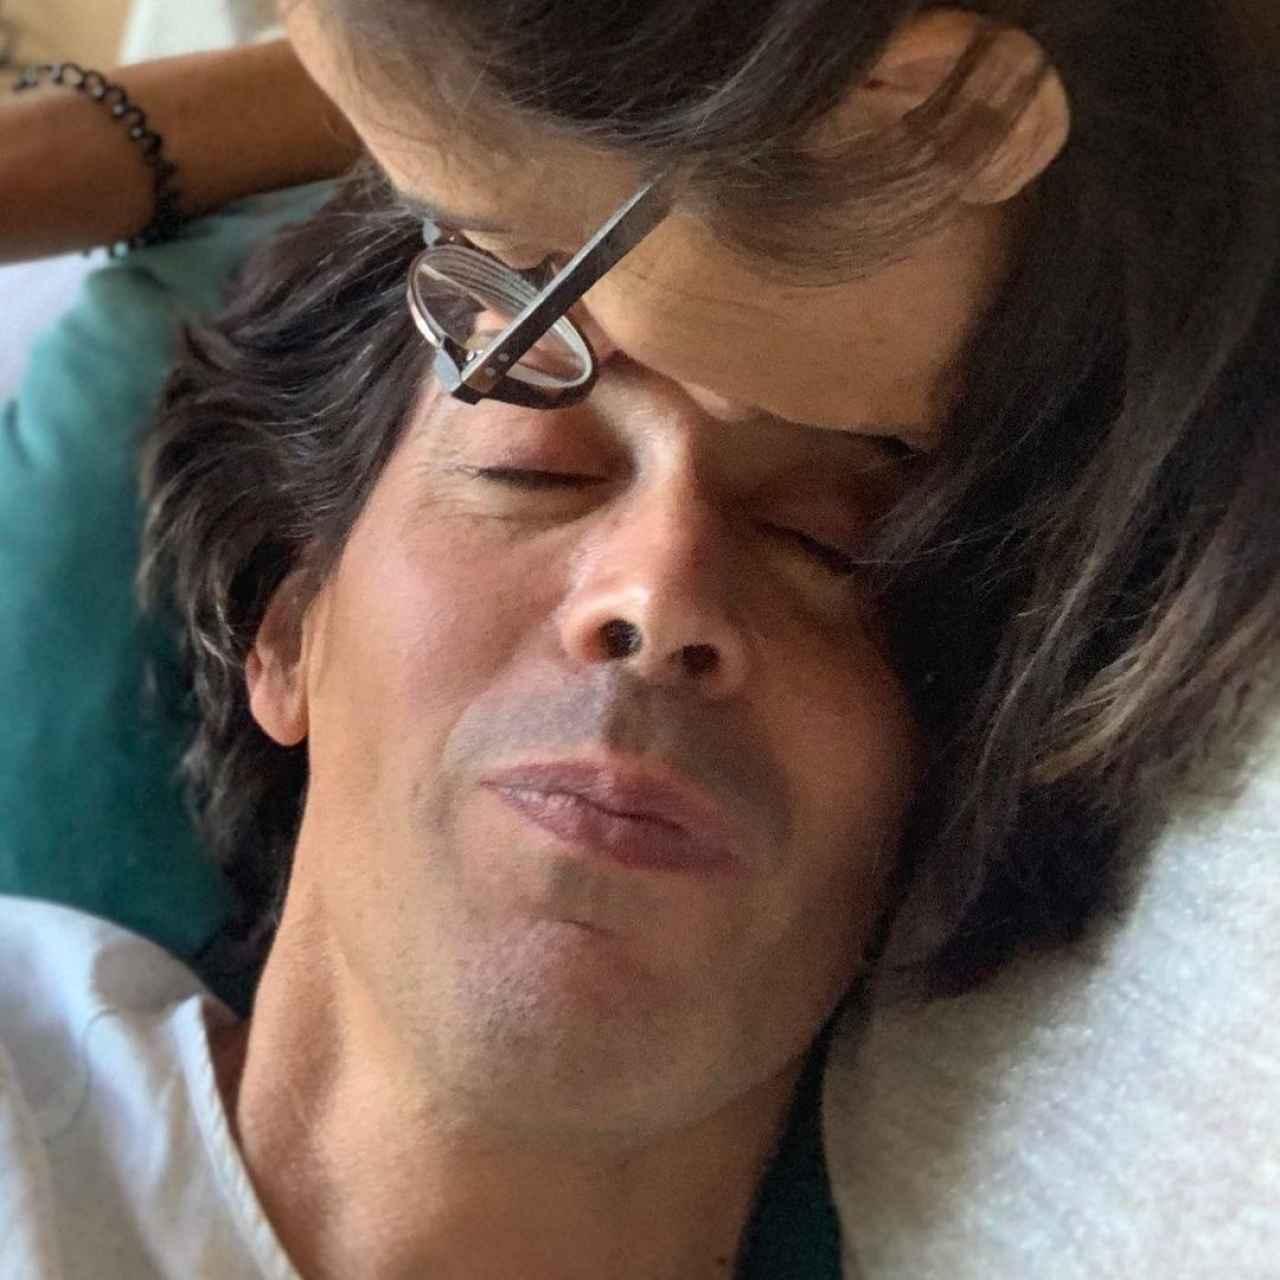 Antonio en una foto compartida por Paz después de su muerte, para felicitarle por el que hubiera sido su cumpleaños.